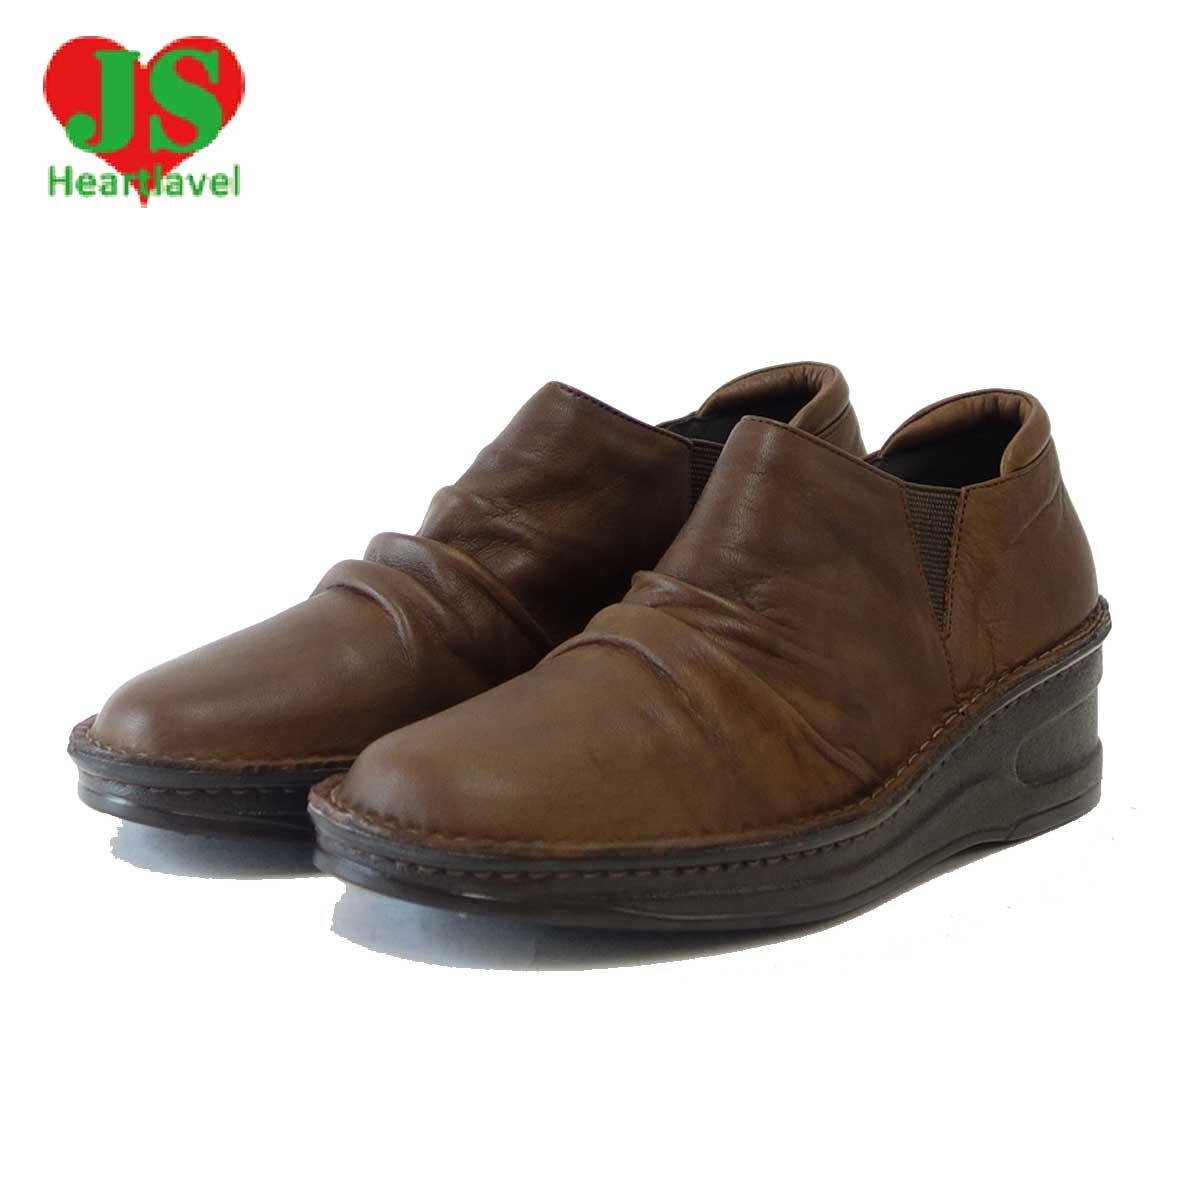 ジェイエス ハートラベル JS Heartlavel 85 ダークブラウン(レディース)日本製 ゆったりEEEの楽ちんシューズ「靴」